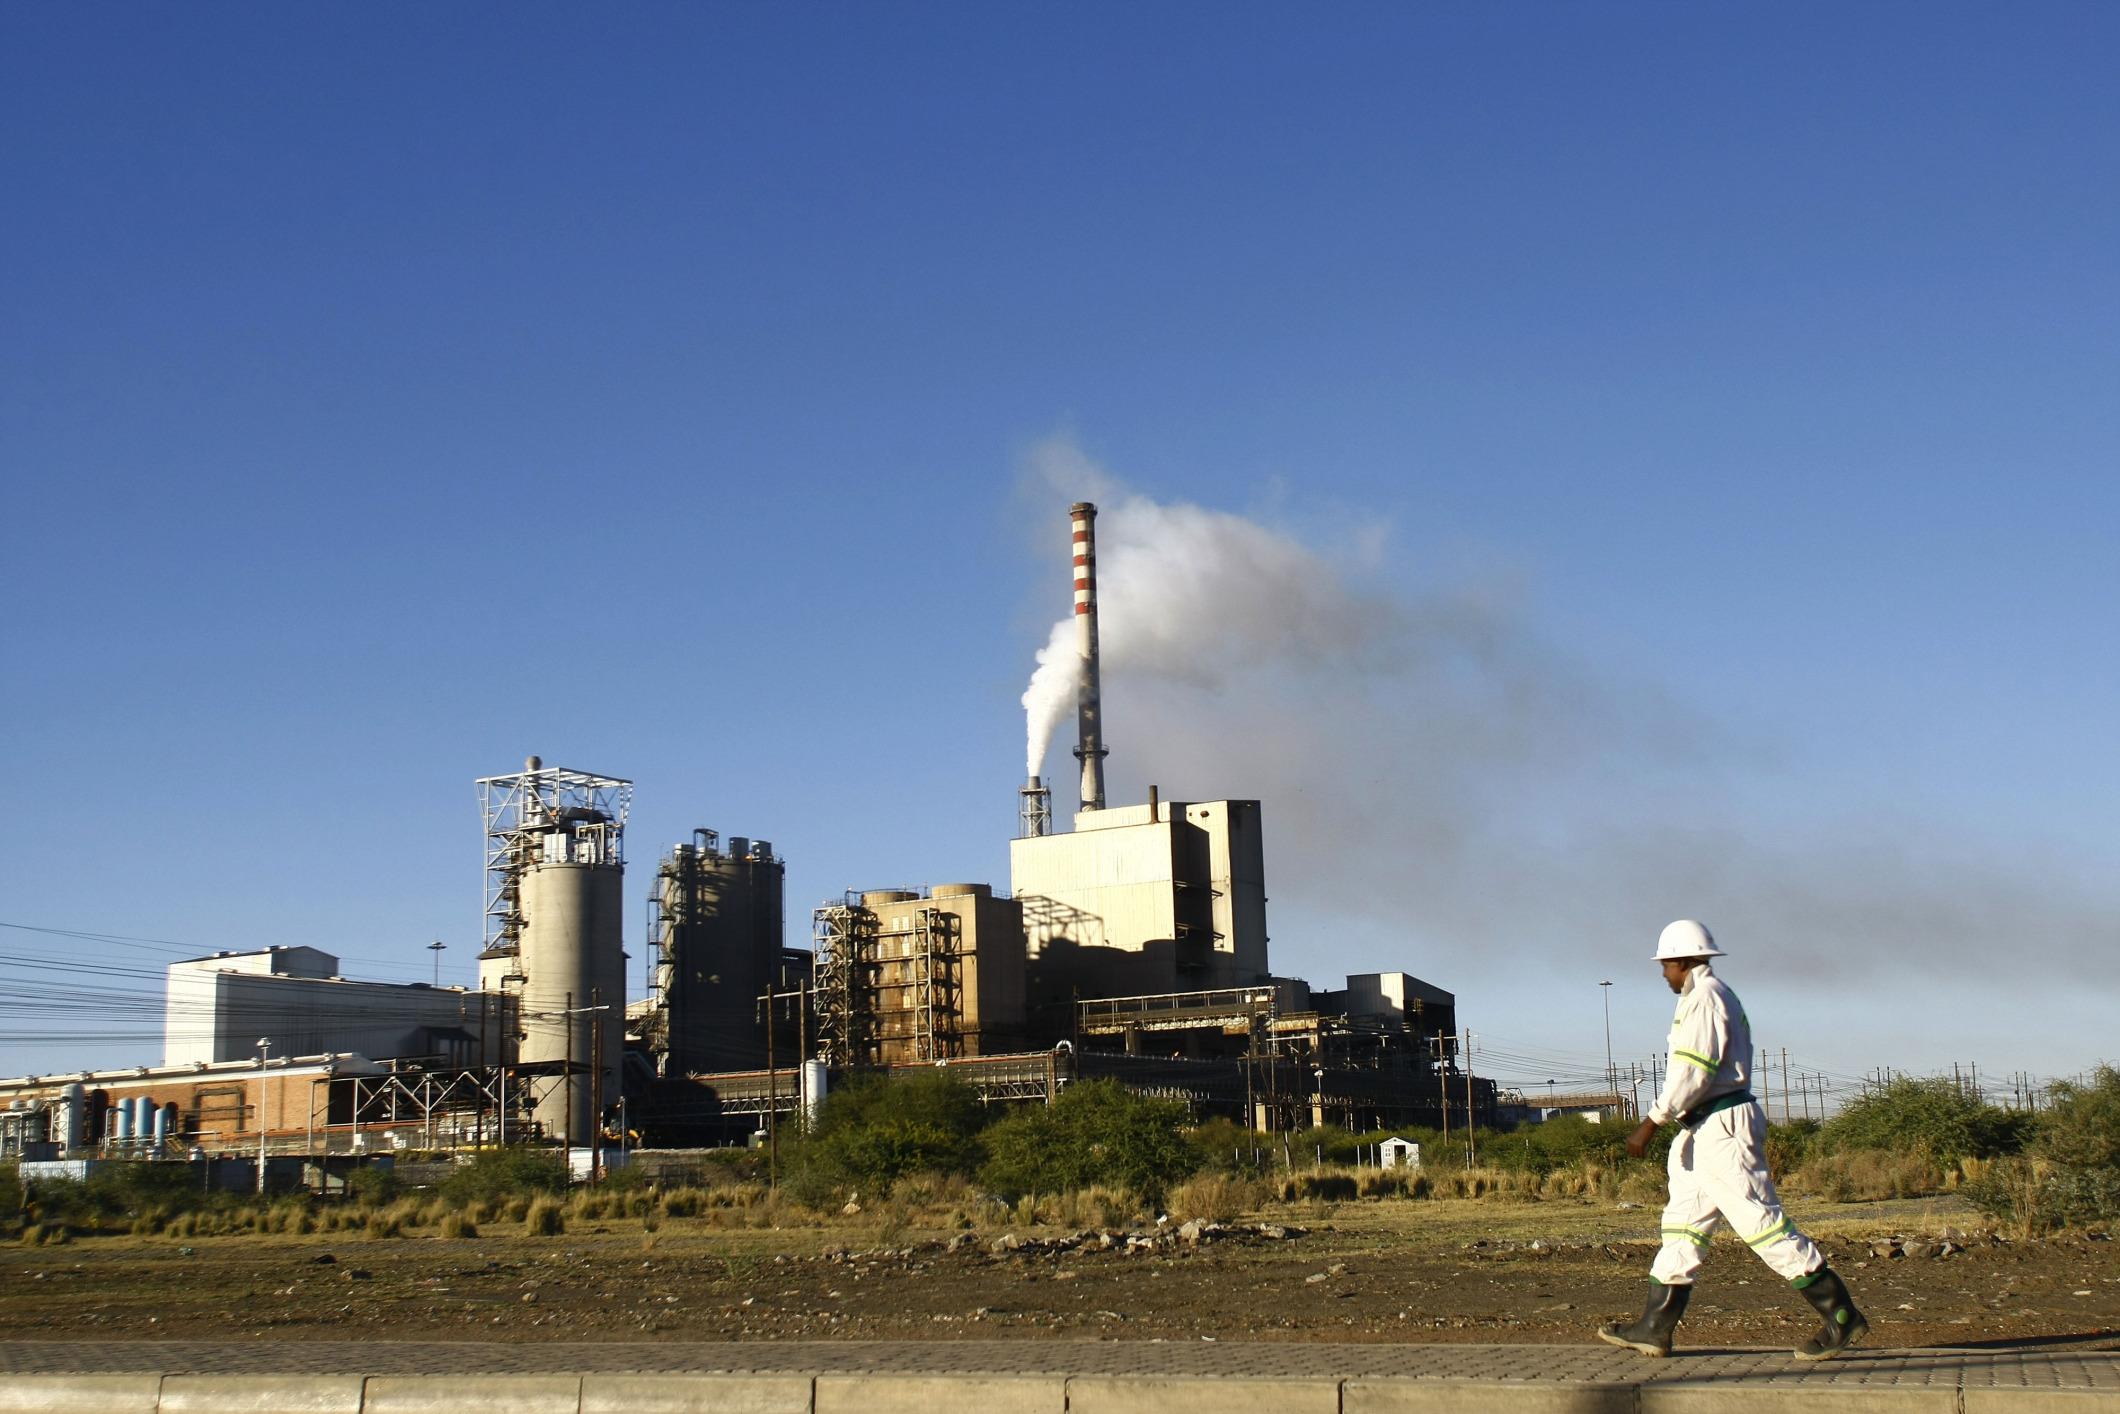 Sibanye's Marikana mine in Marikana, South Africa.